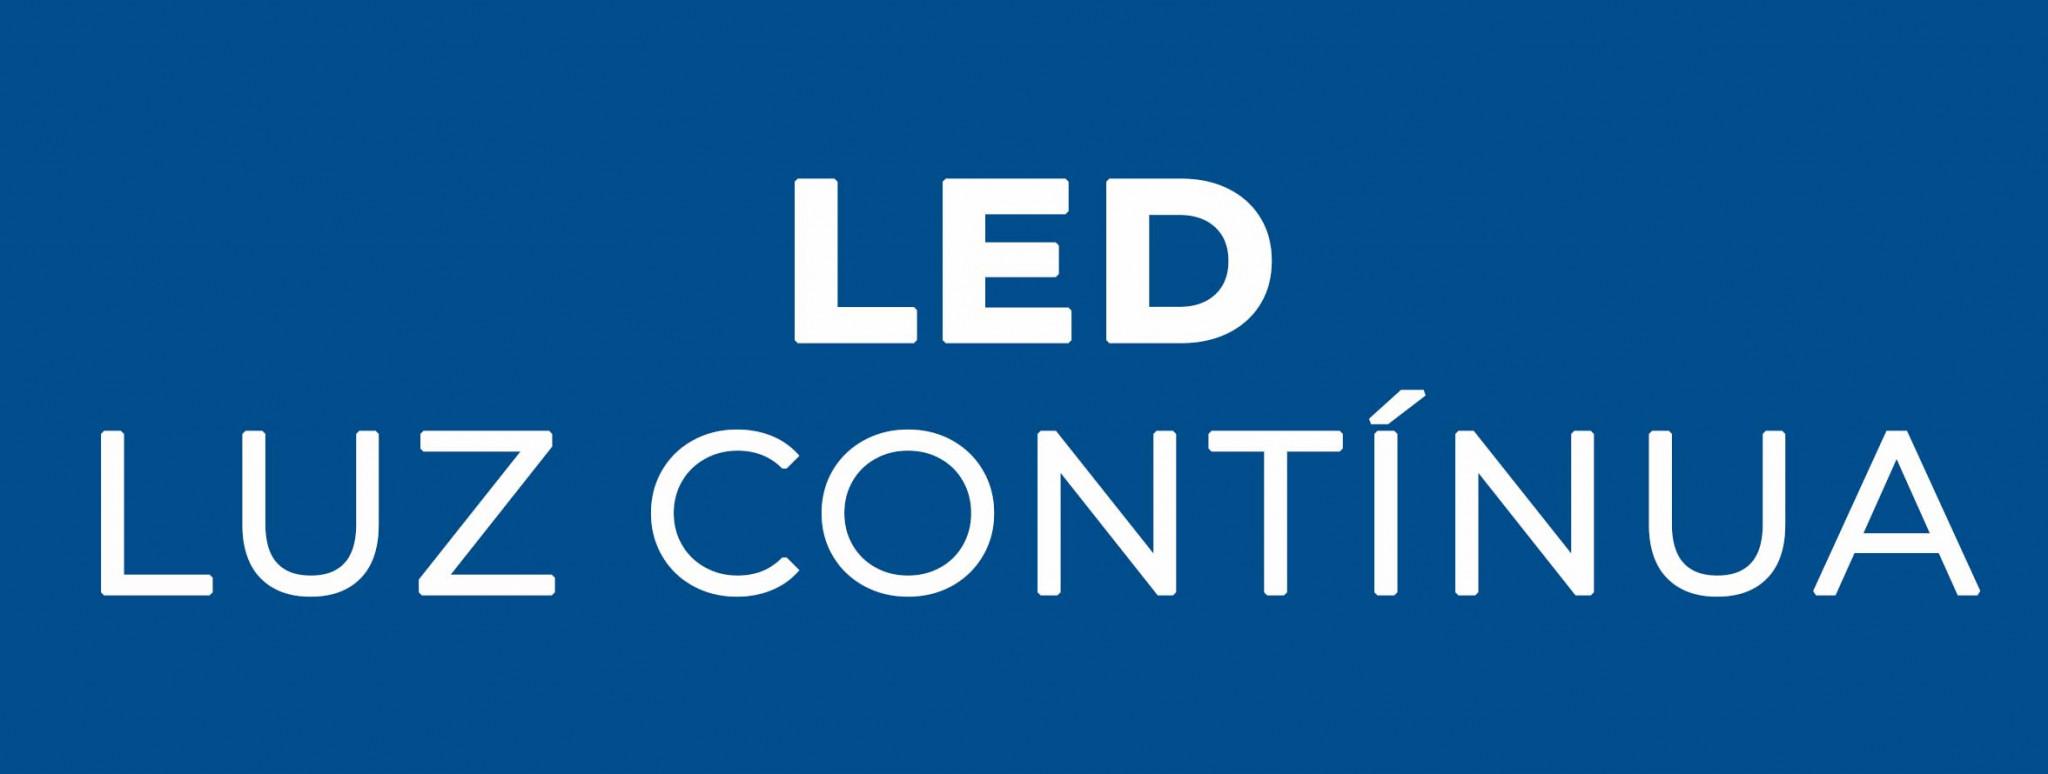 LED Luz Contínua